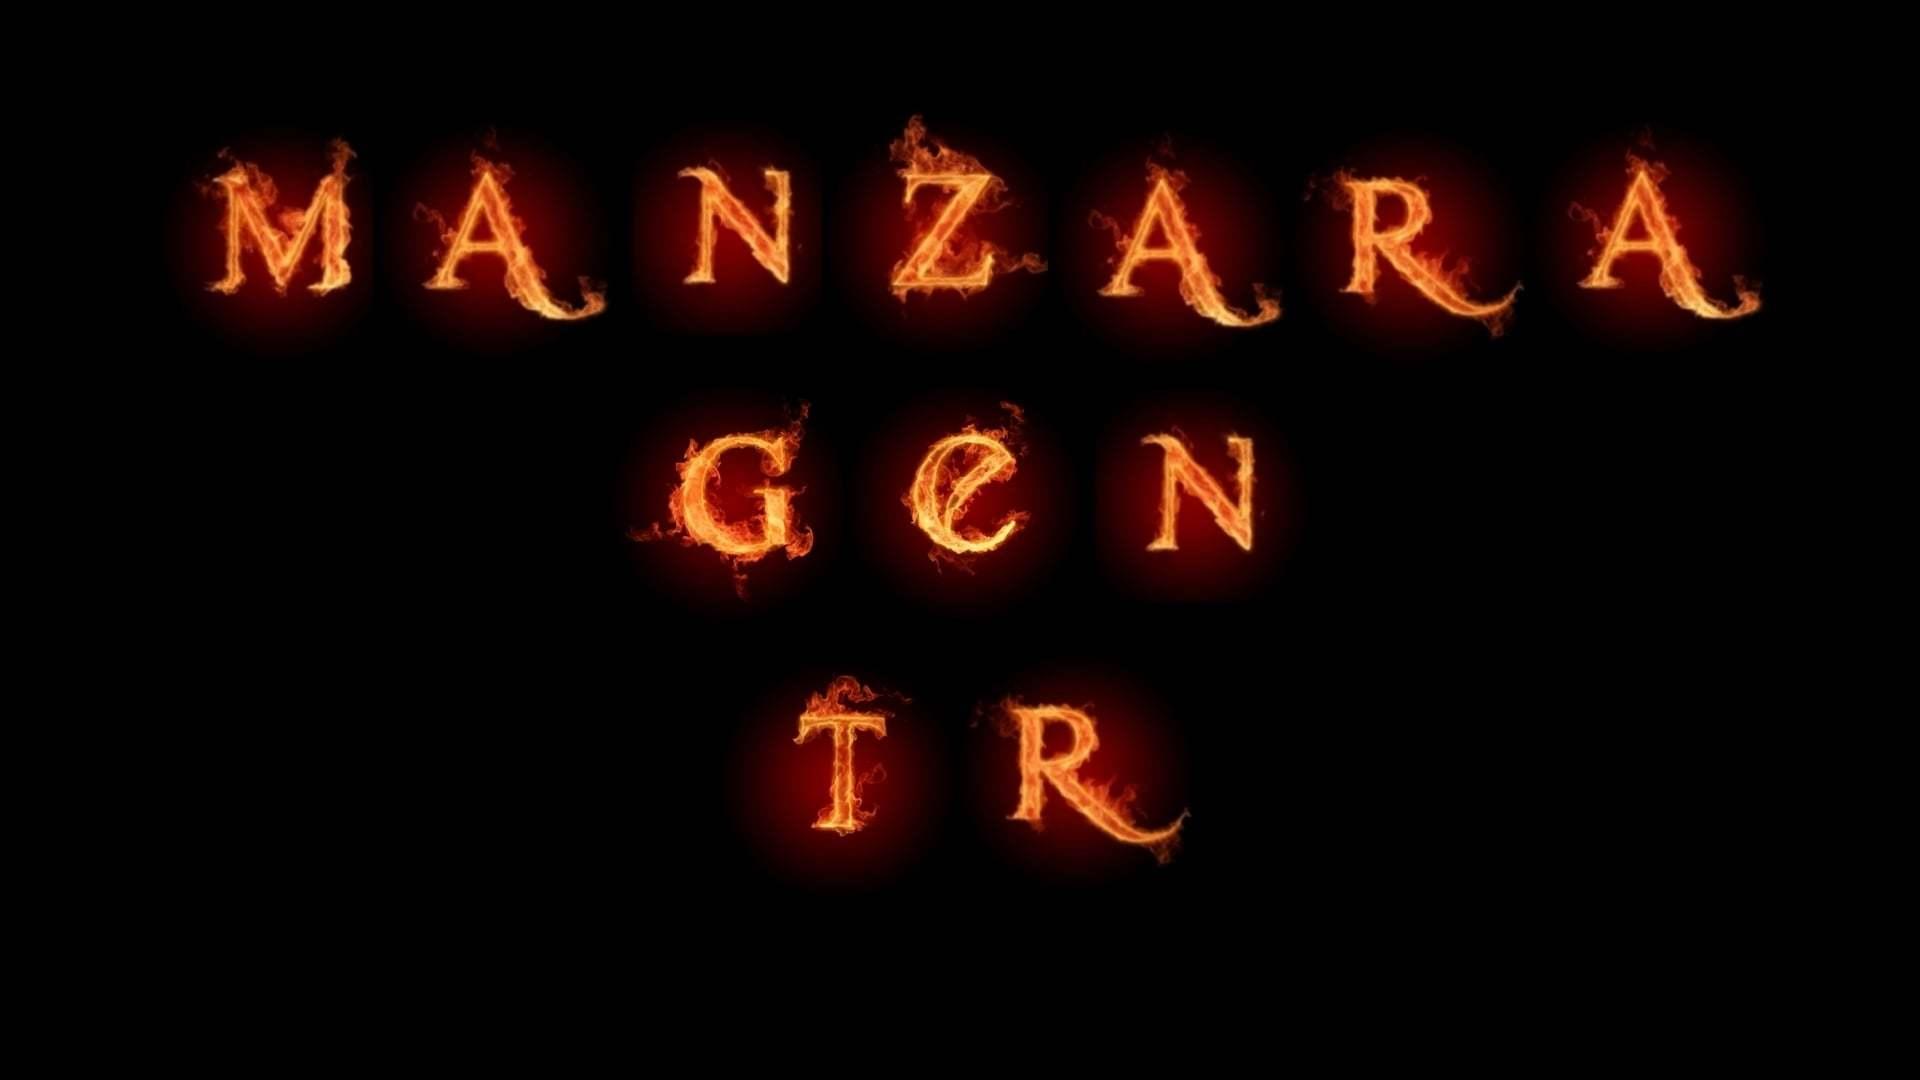 Manzara.gen.tr Avatar – Yanan Harfler